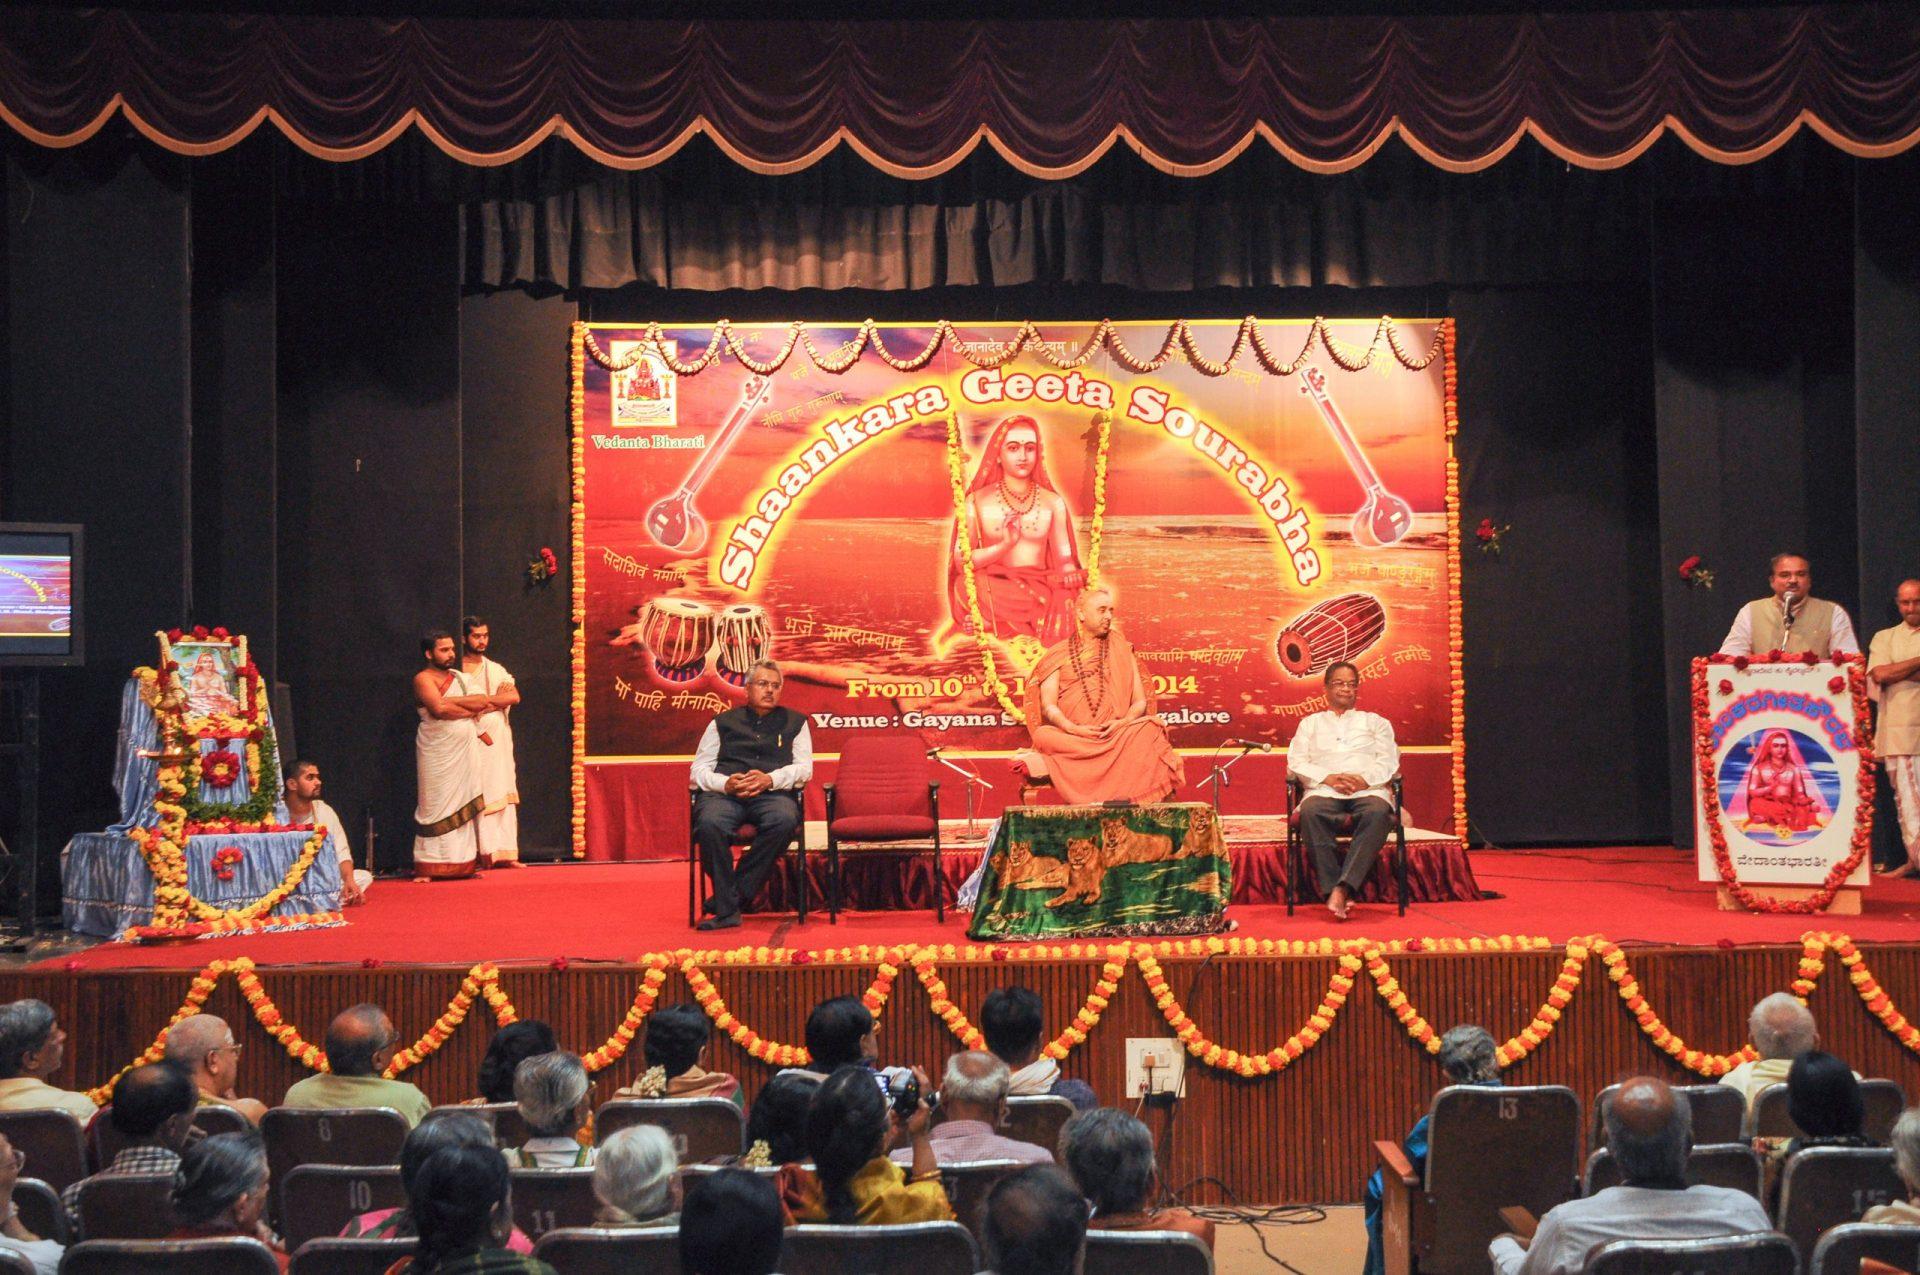 Shaankara Geeta Sourabha